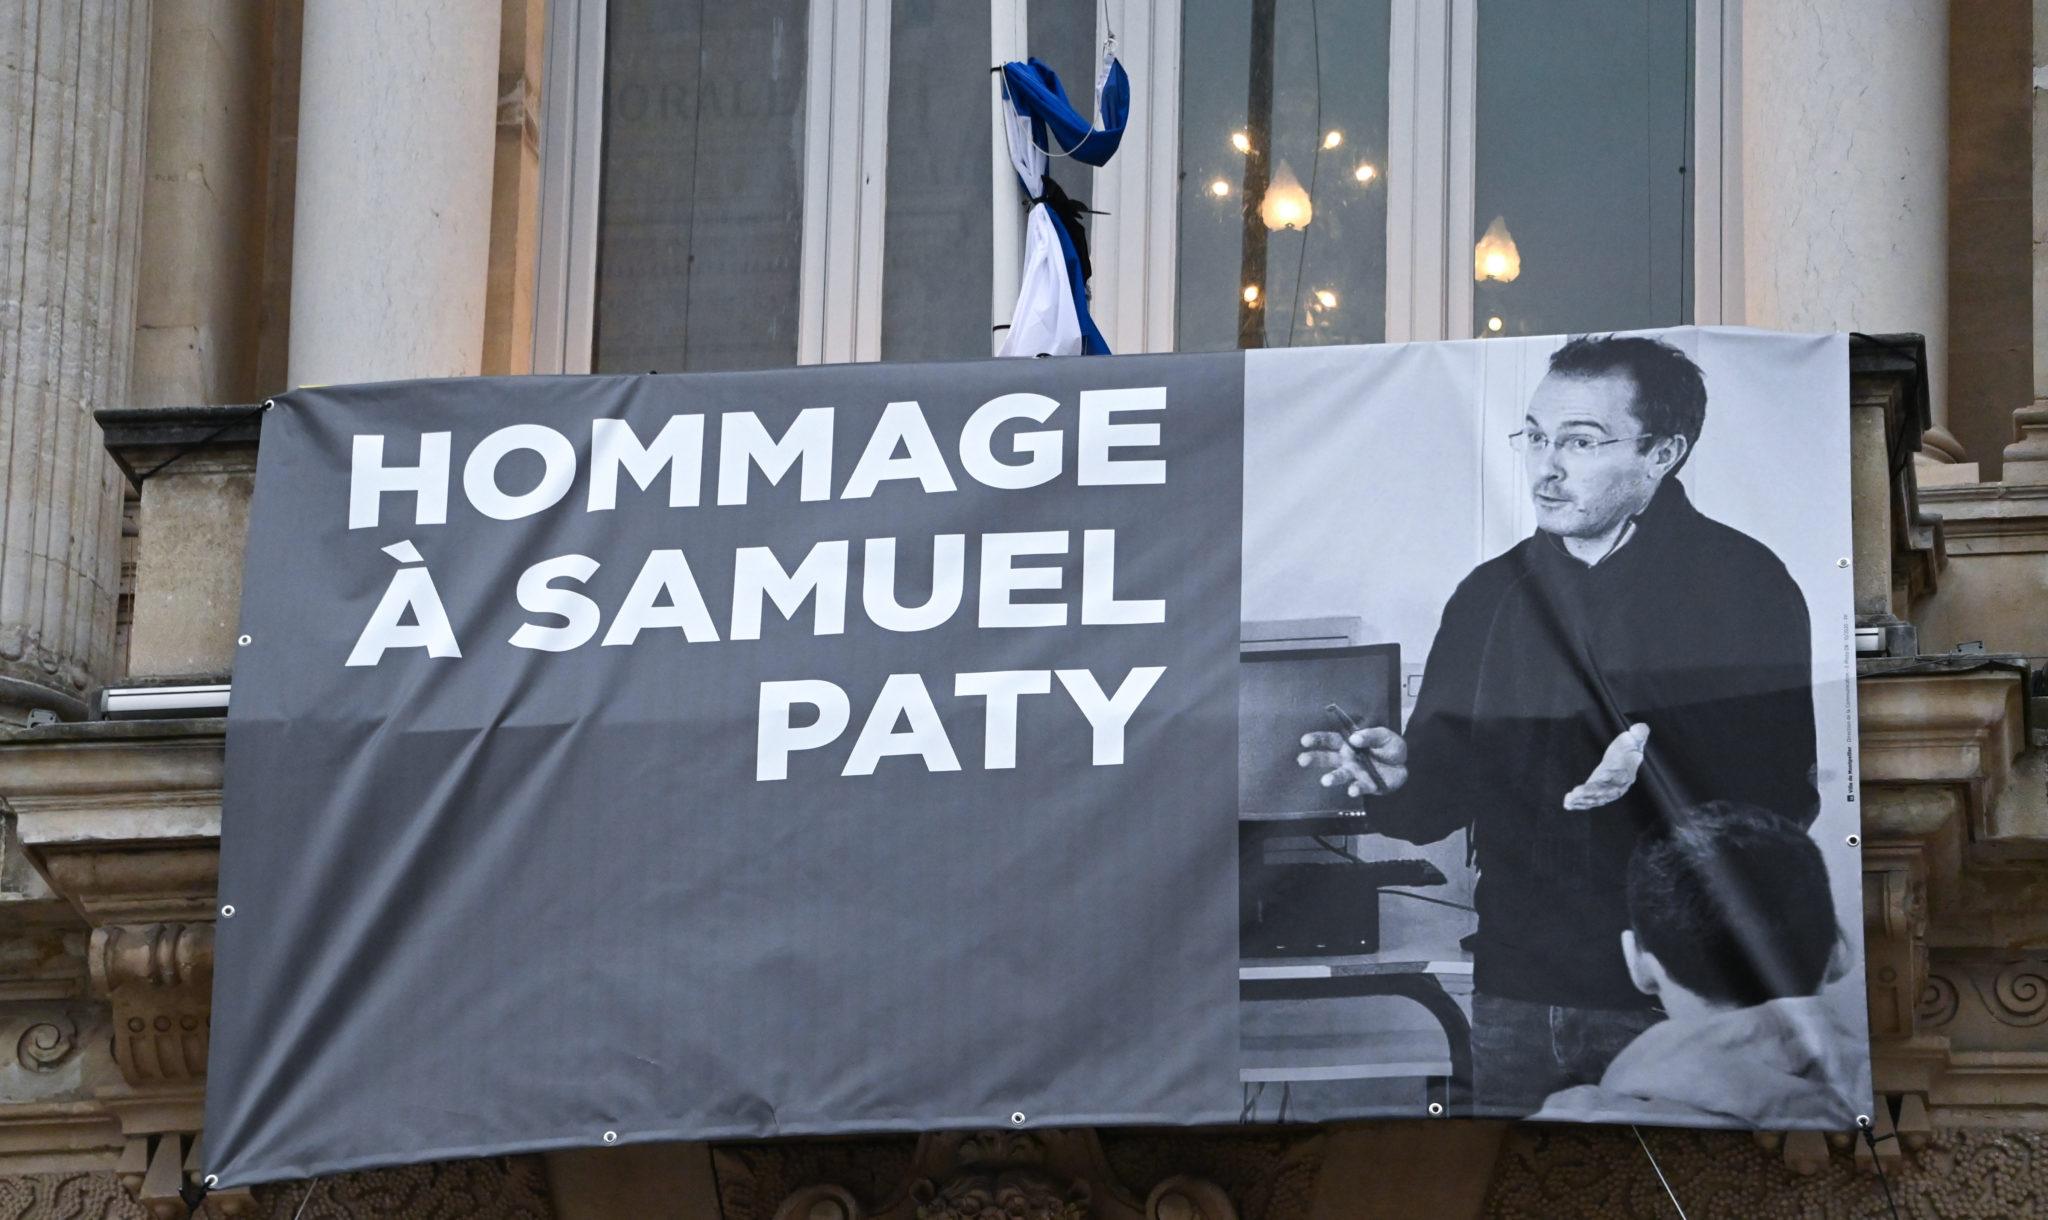 De onthoofding van Samuel Paty en het geweld van het wegkijken